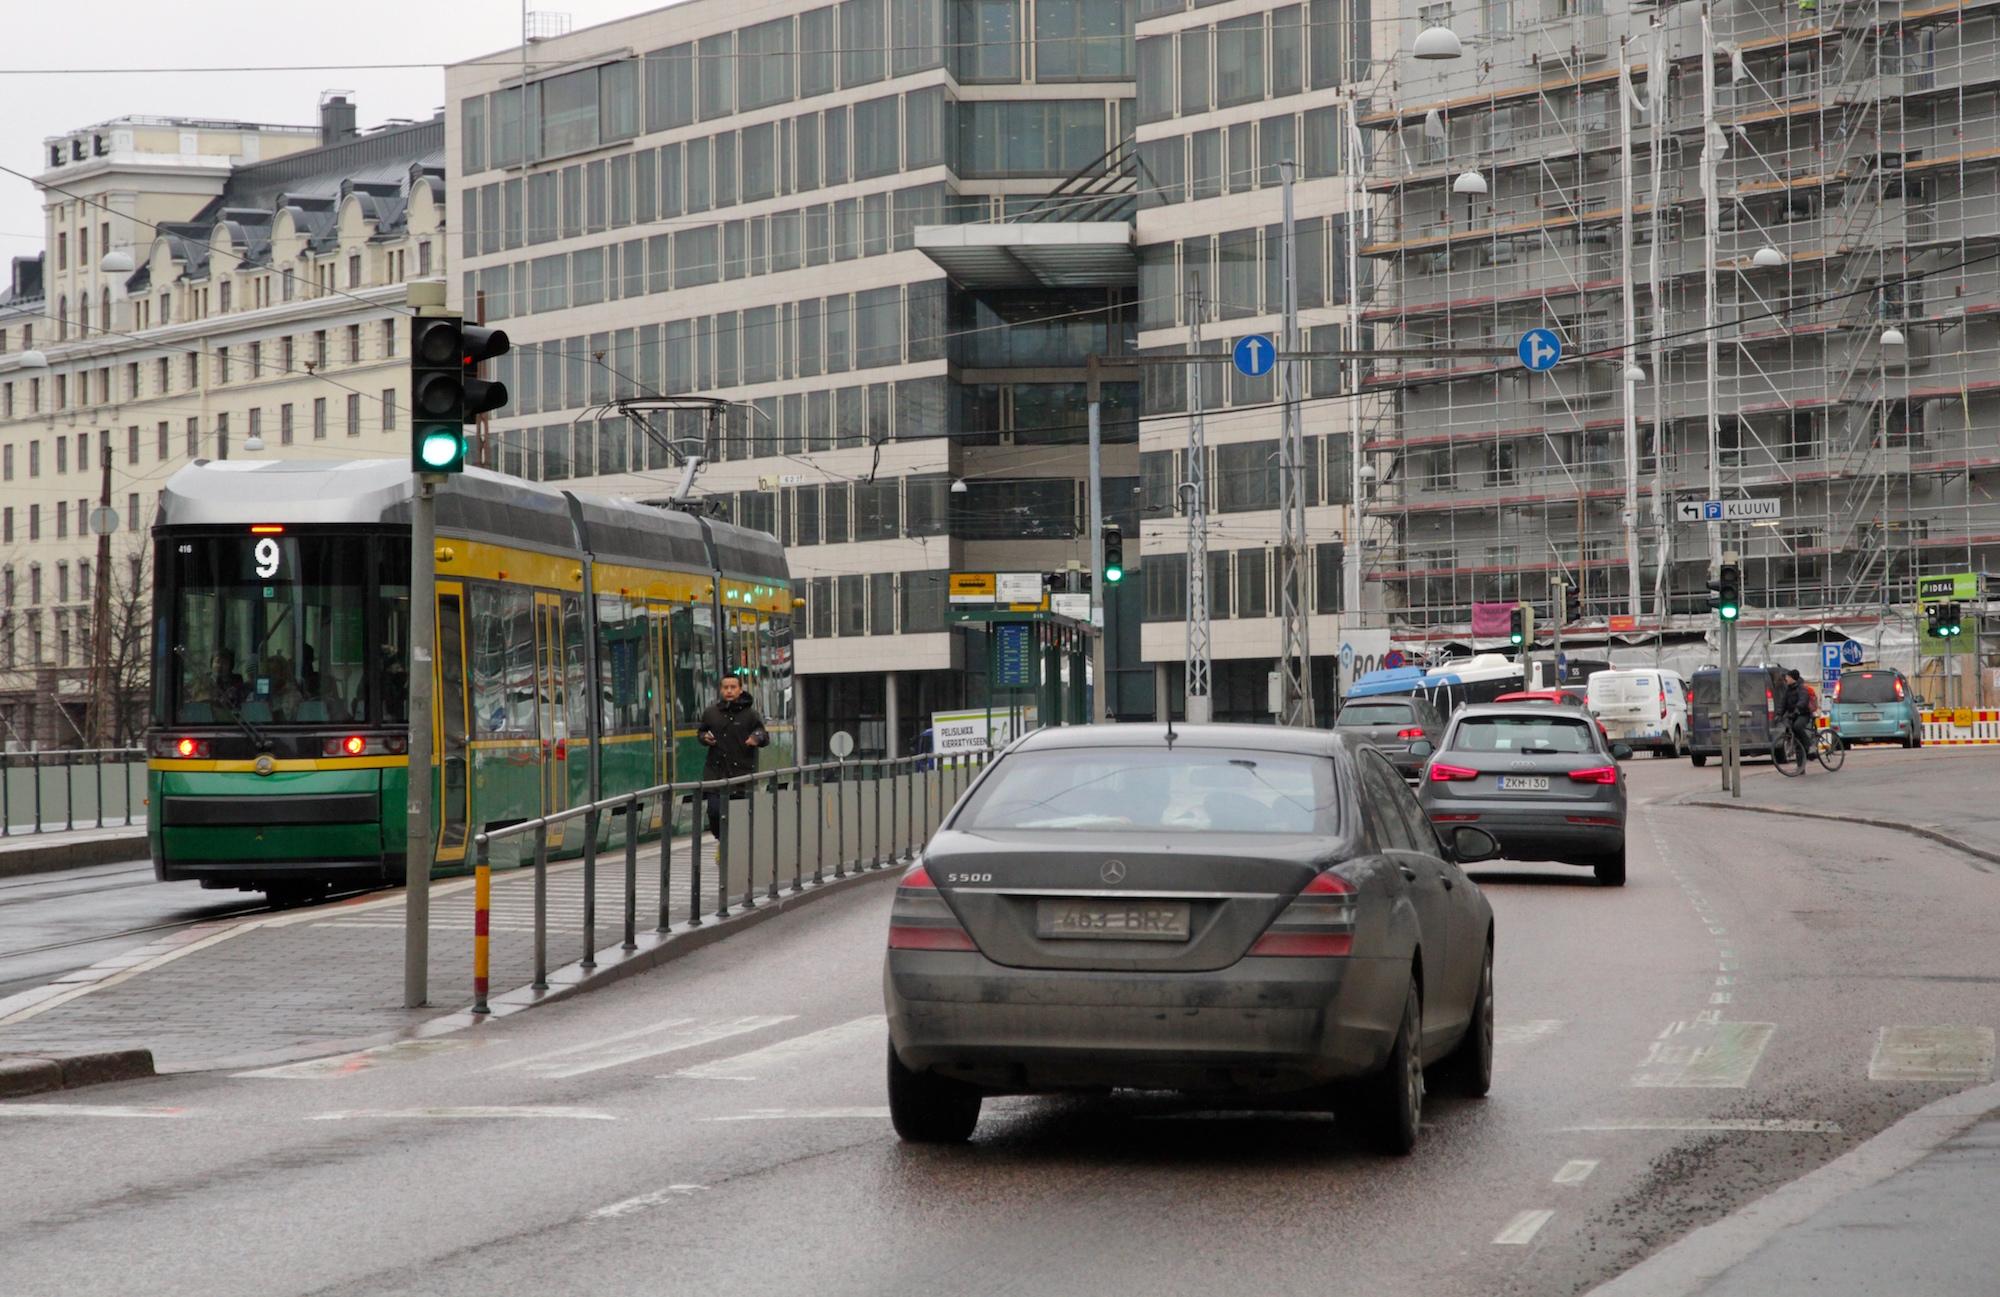 Helsingin ympäristötoimen mukaan liikenteessä on suurin päästövähennyspotentiaali EU:n asettamiin tavoitteisiin pyrittäessä. (Kuva: Ville Miettinen)